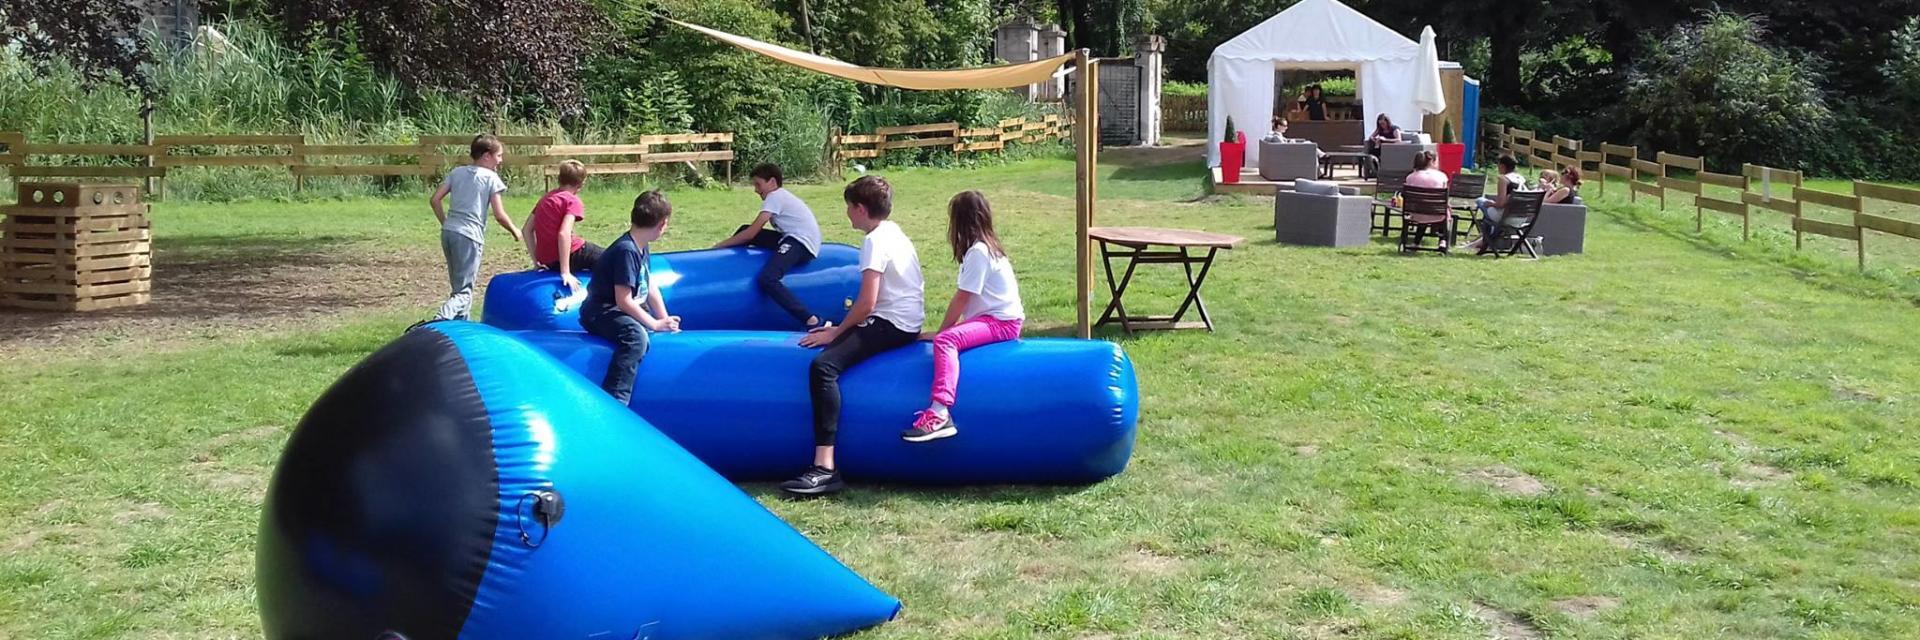 structures gonflables < Le Parc de Coupaville < Soissons